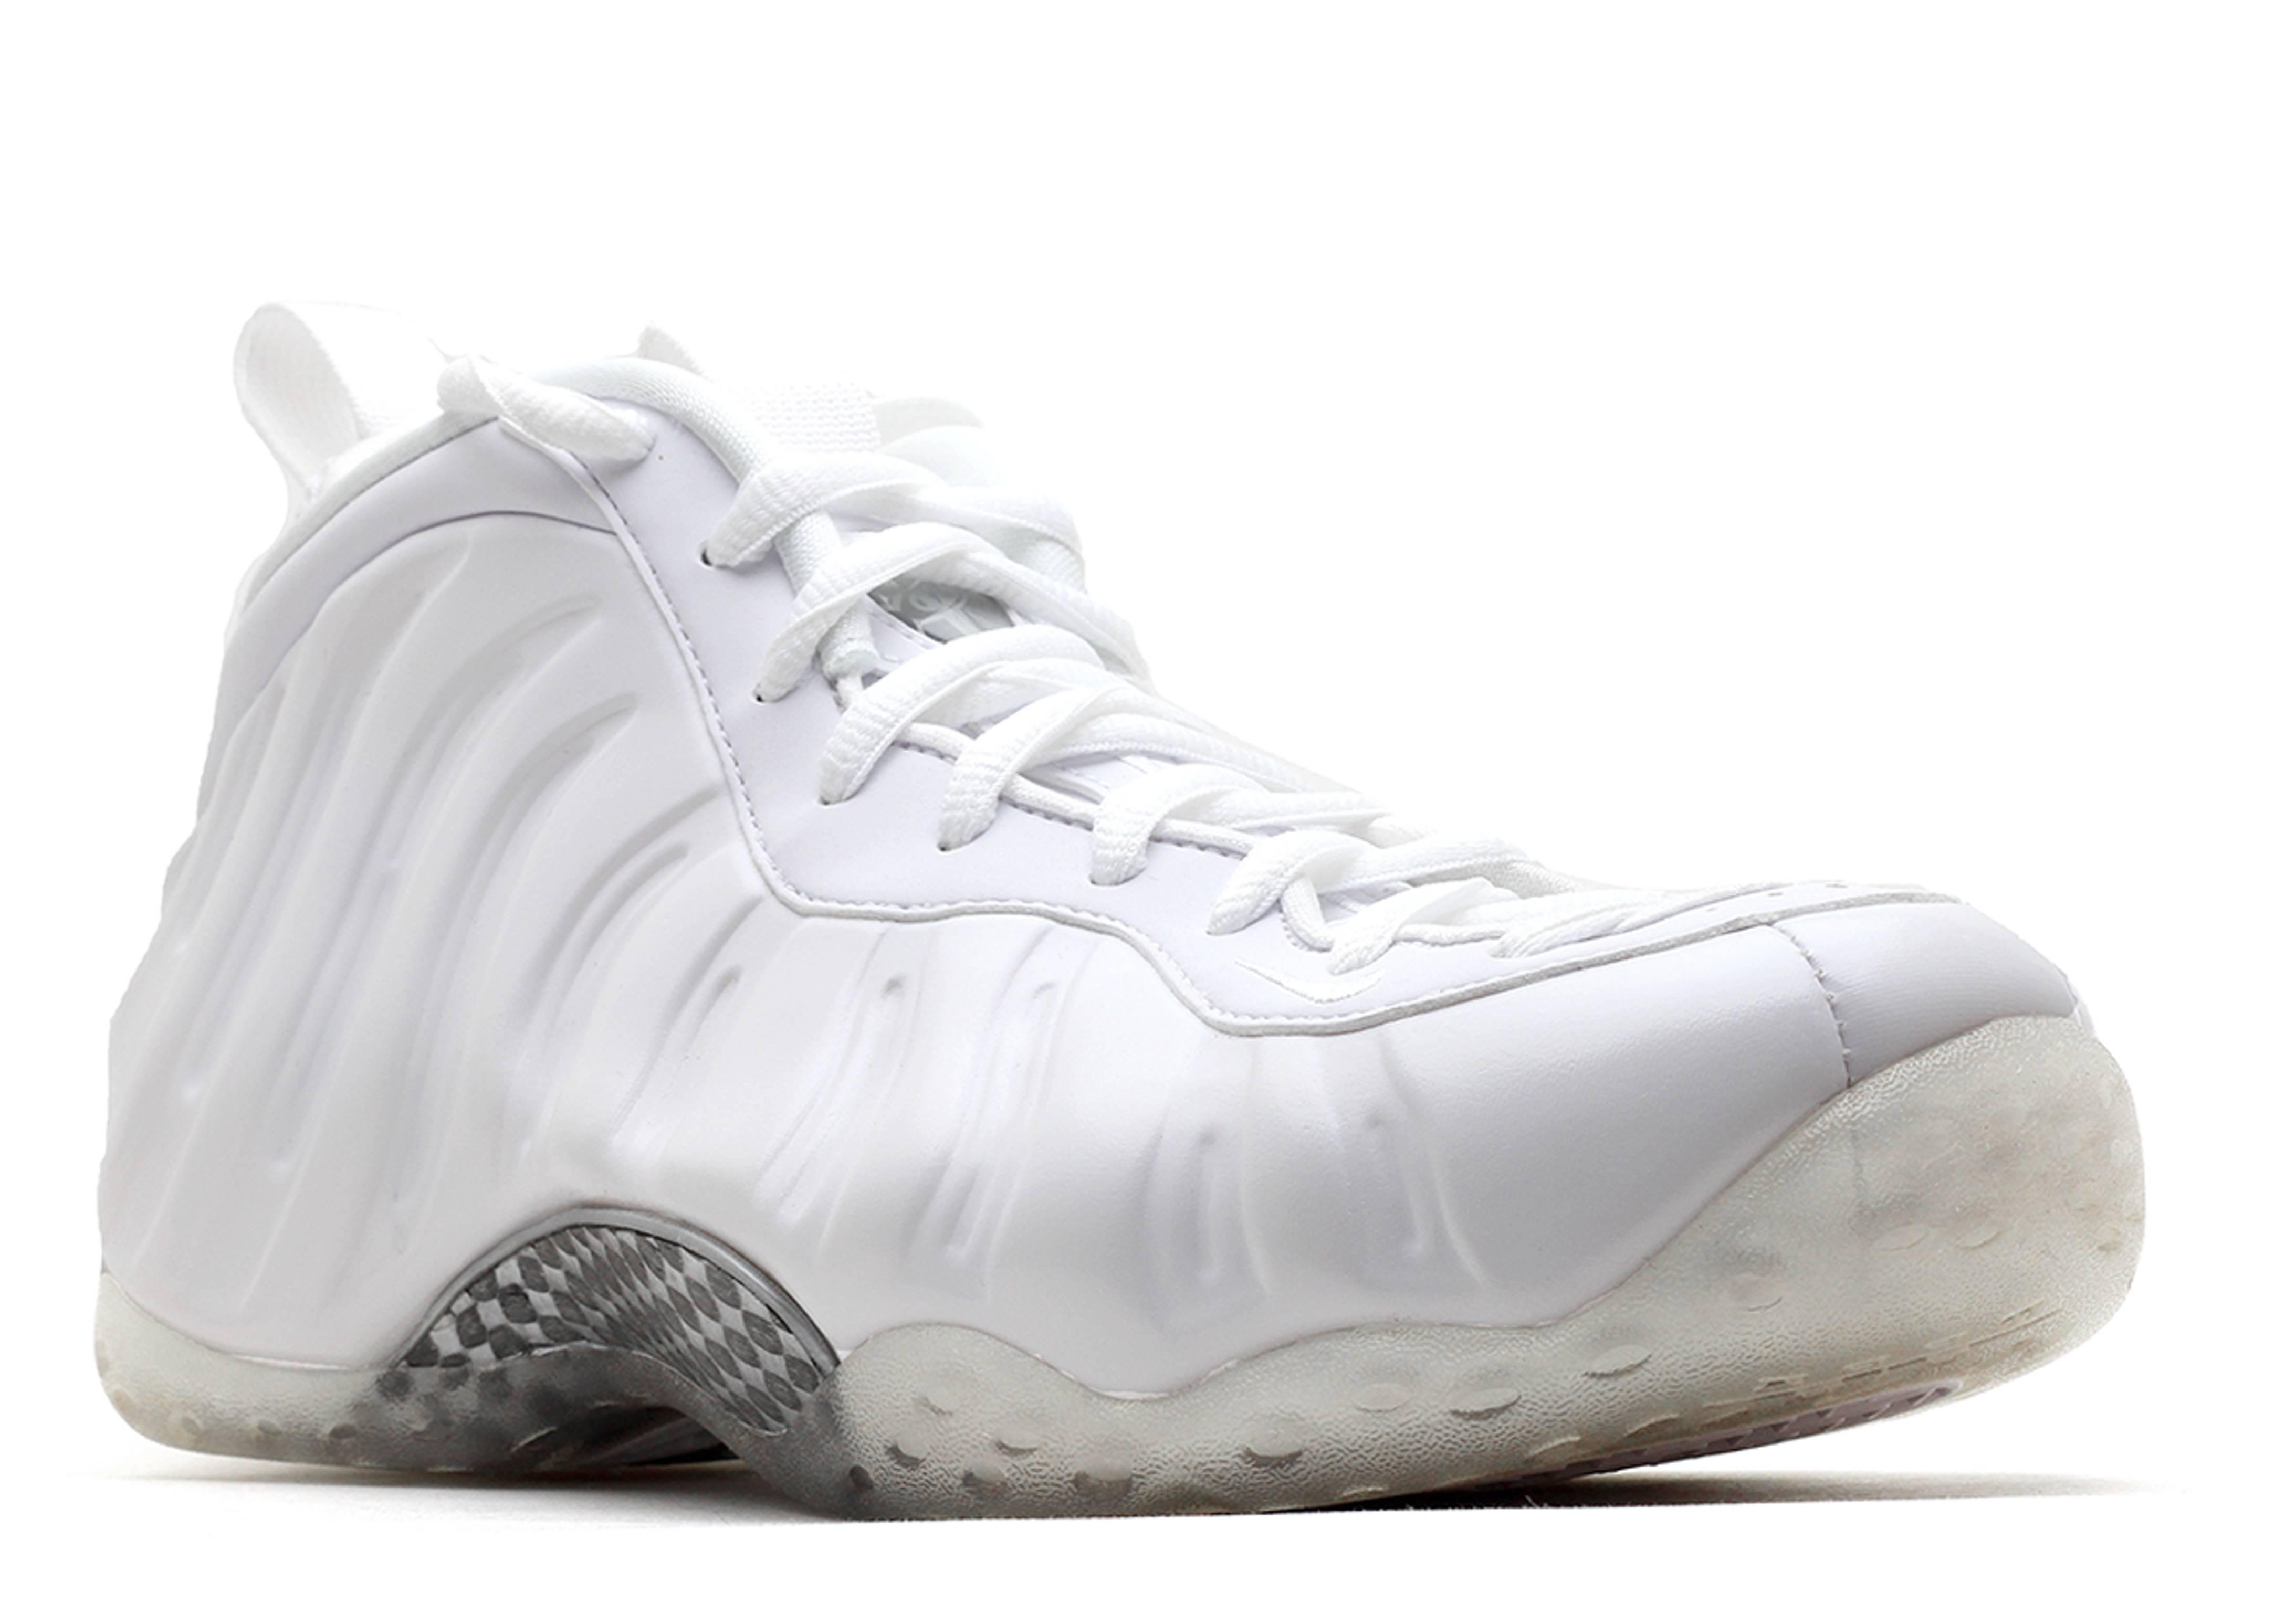 Nike Foamposite Gucci Ebay